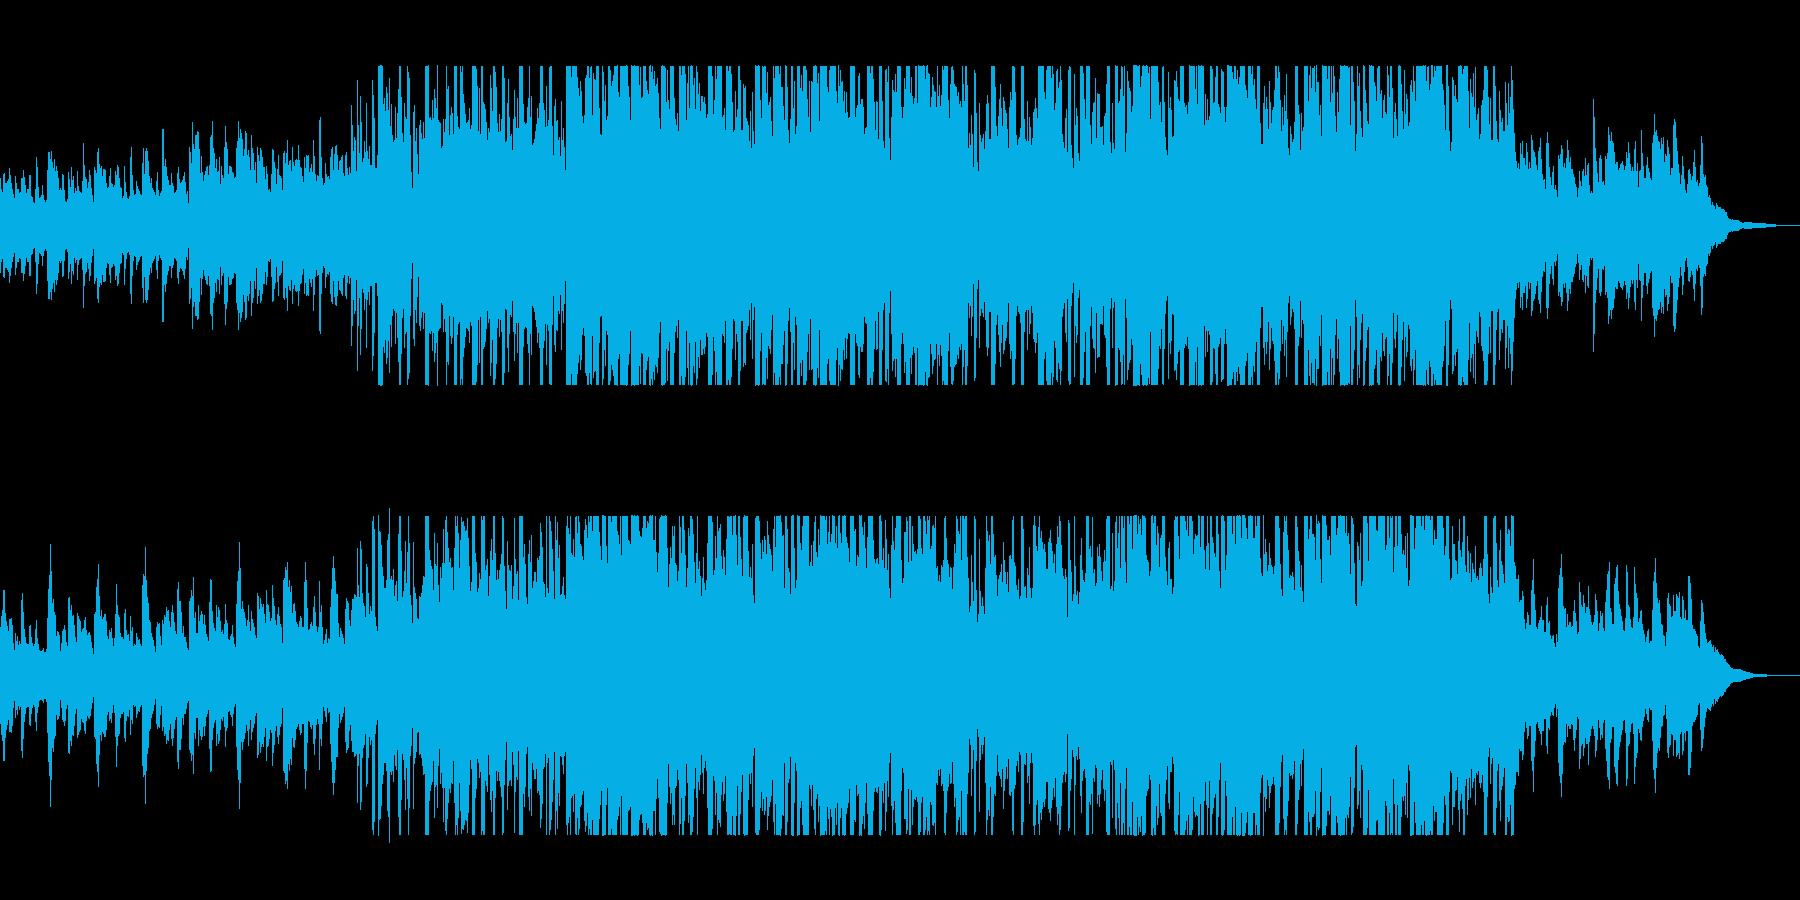 ハープの流れるようなサウンドの再生済みの波形